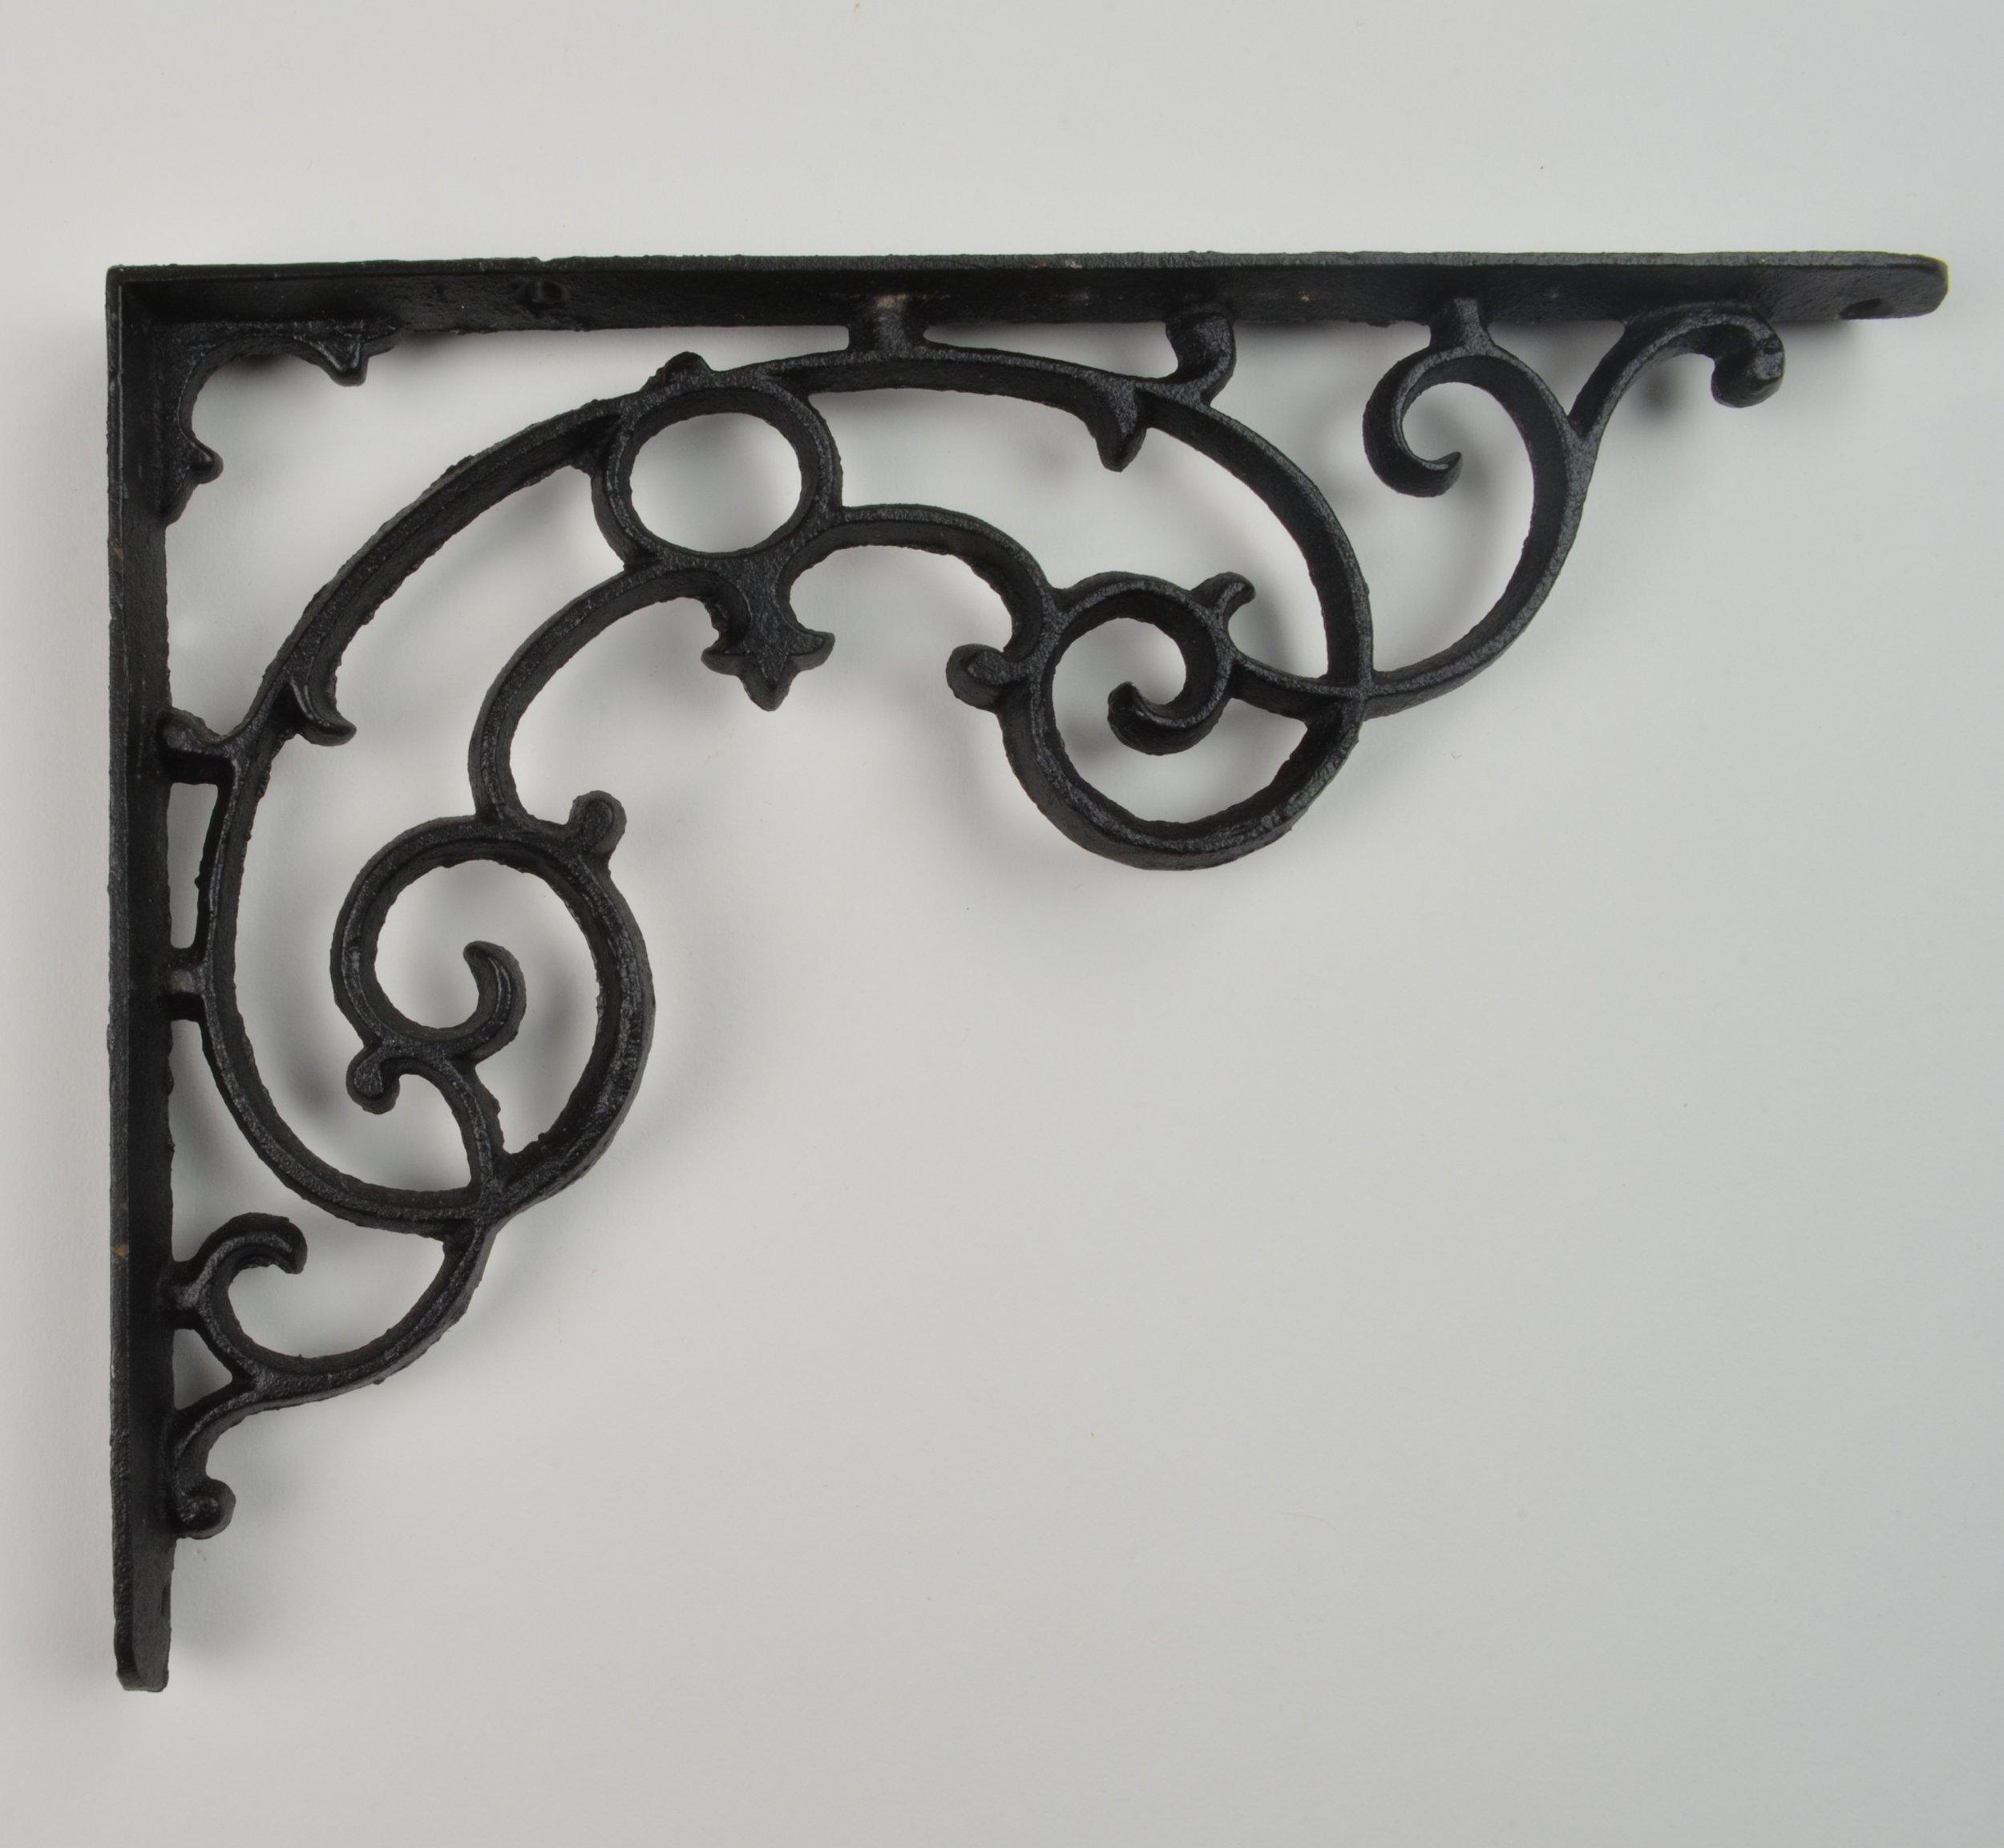 Wall Shelf Bracket - Ornate Pattern - Cast Iron - 11.25'' Long